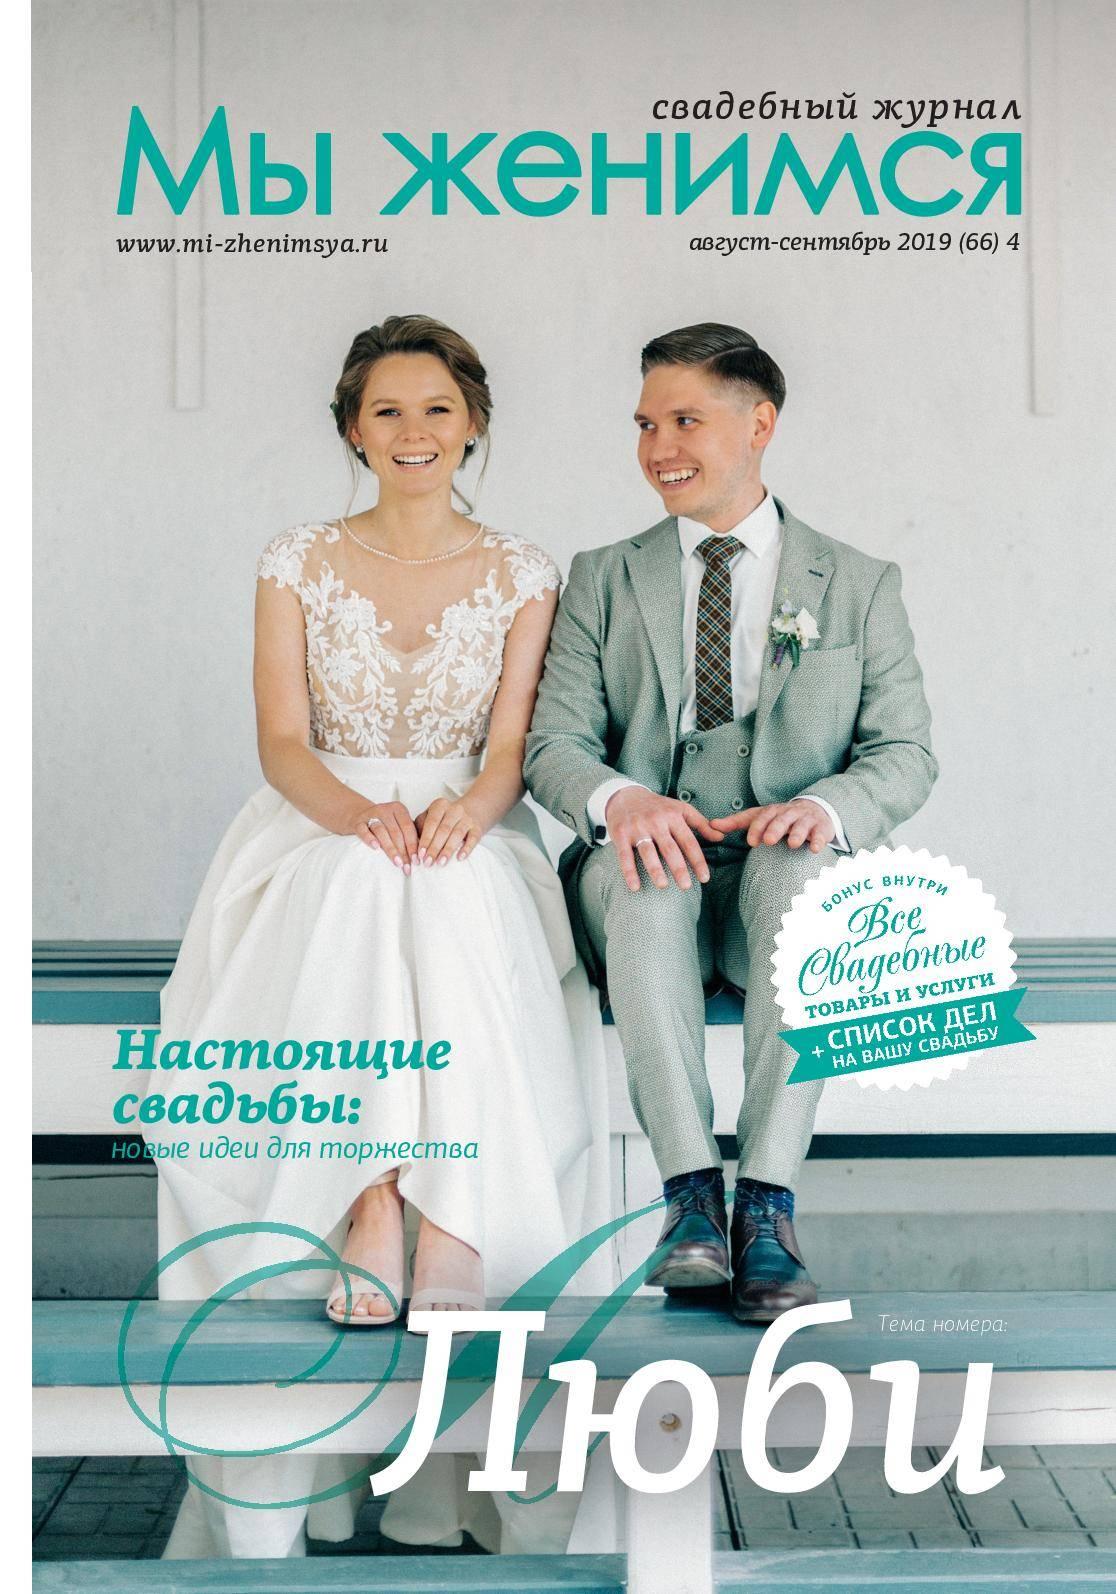 Смешной сценарий выкупа невесты «агентство по выдаче невест»